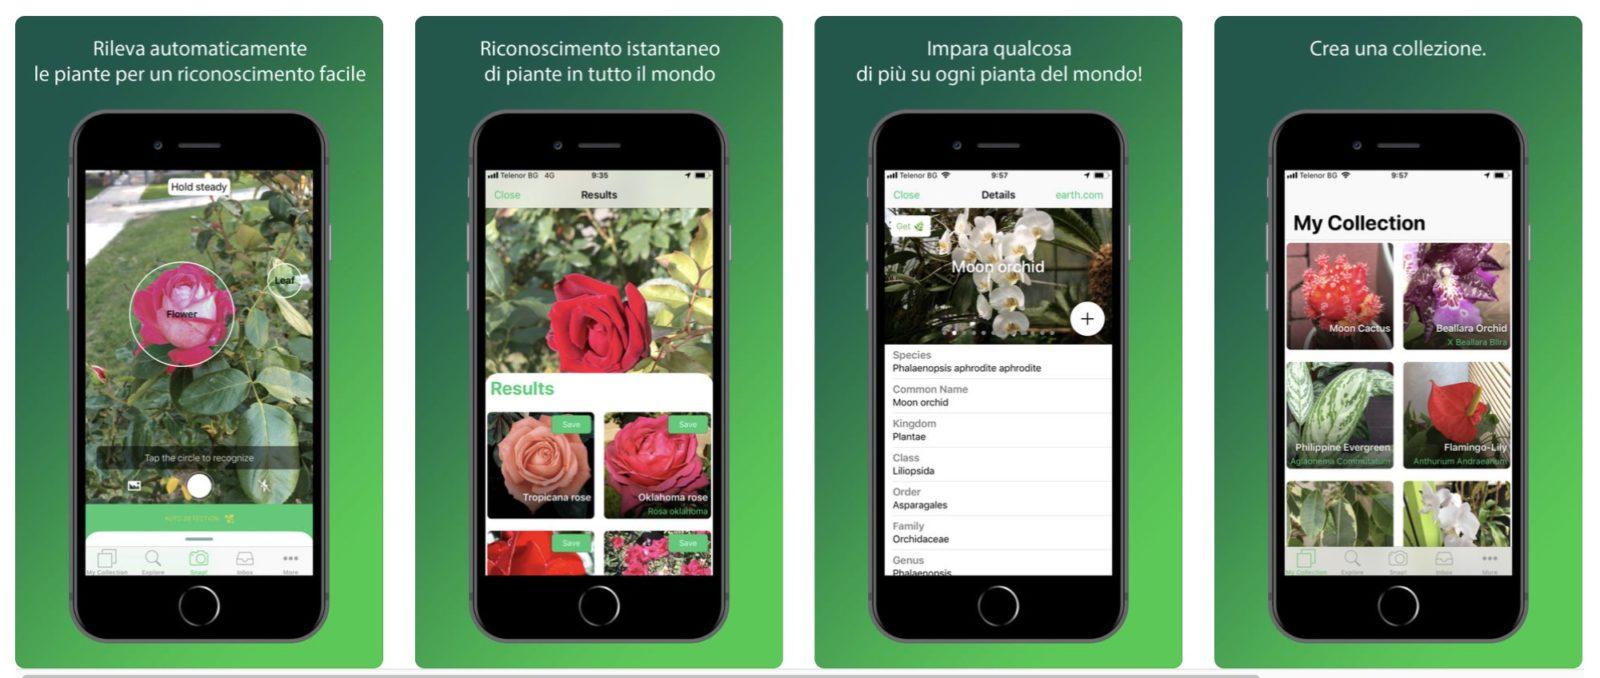 PlantSnap identifica le piante con una foto da iPhone e iPad